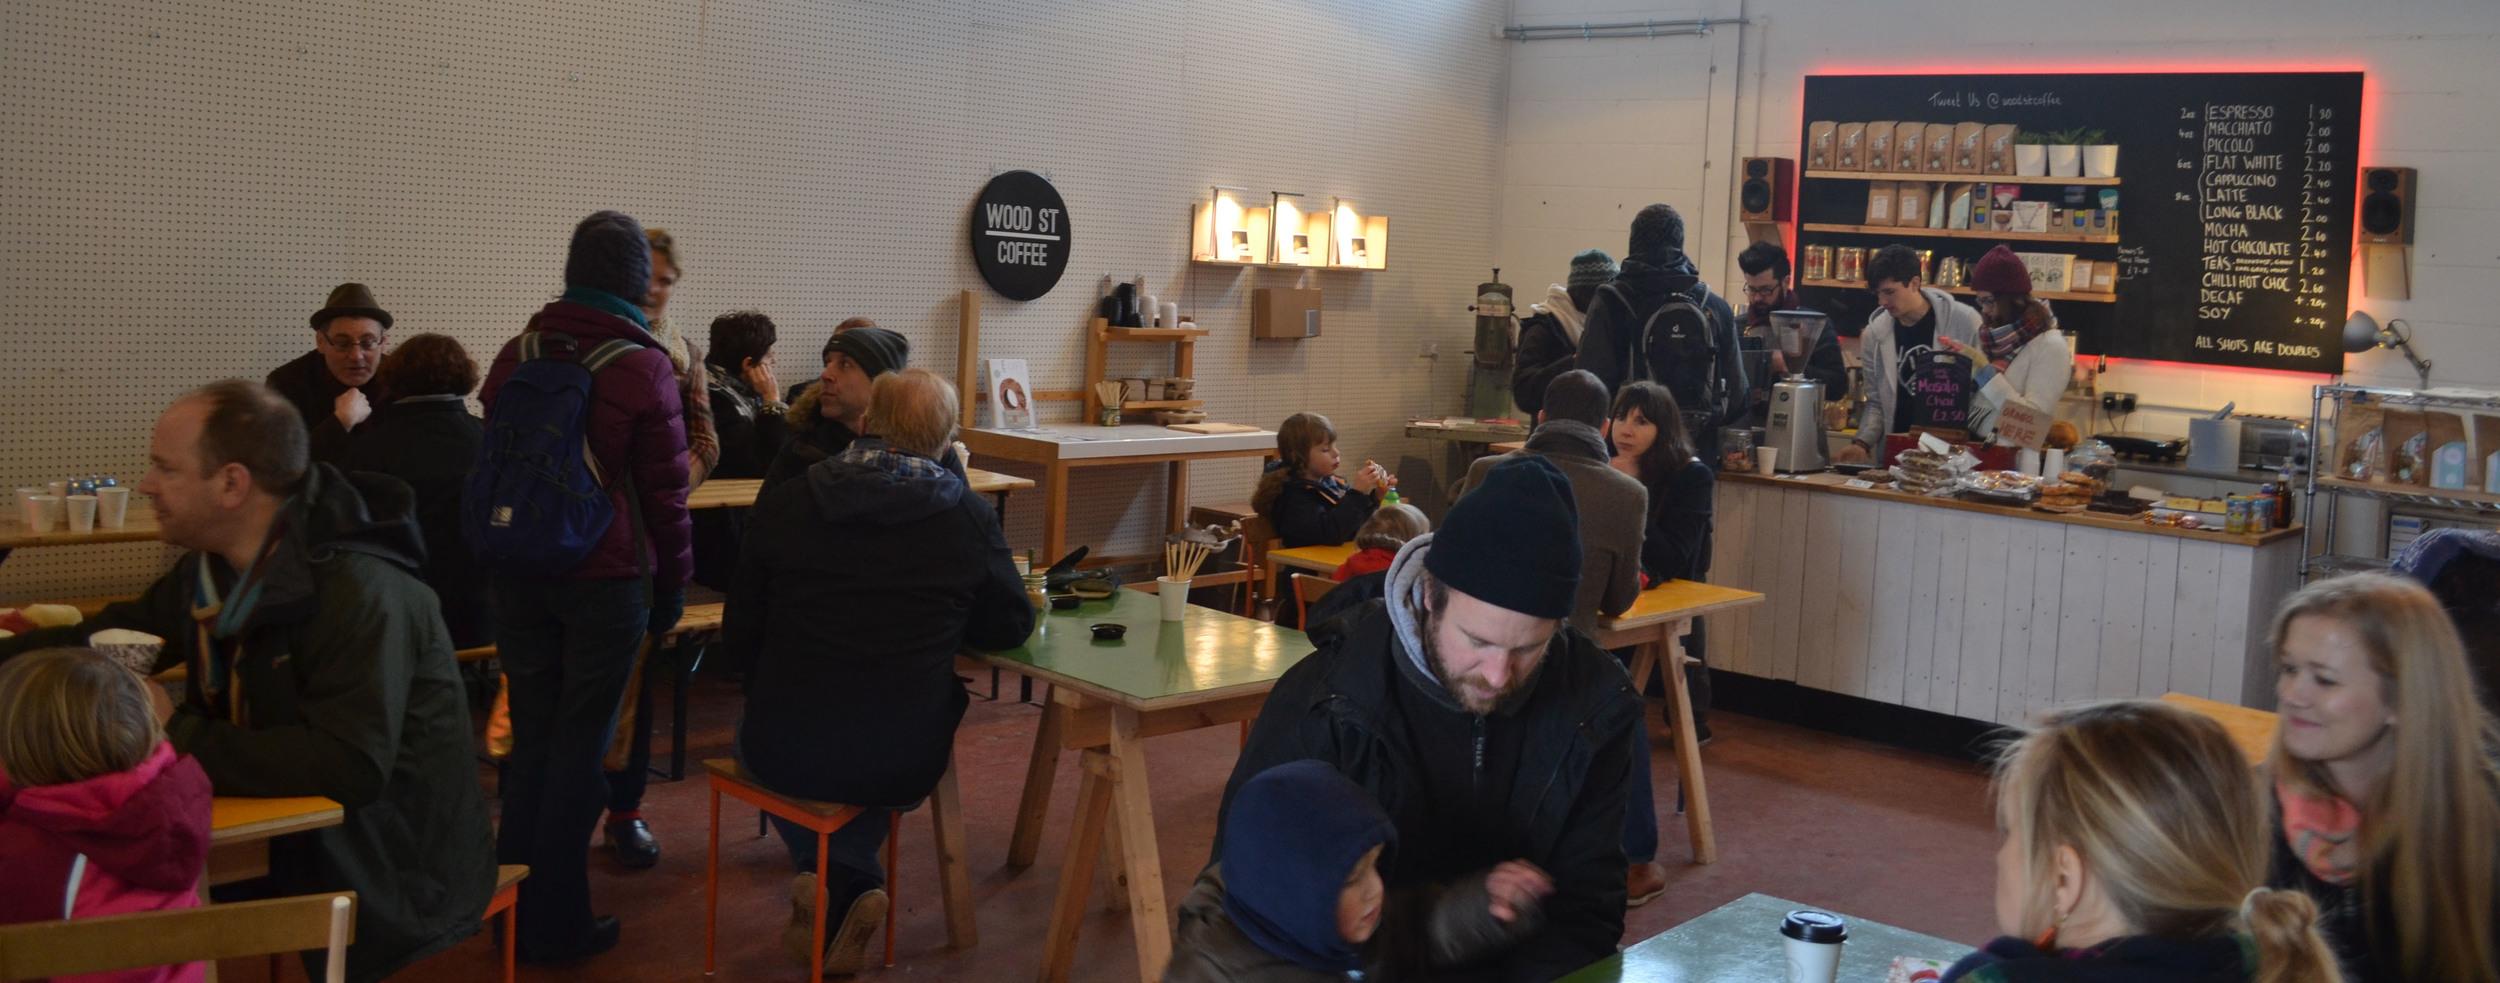 Wood Street Coffee at Blackhorse Workshop